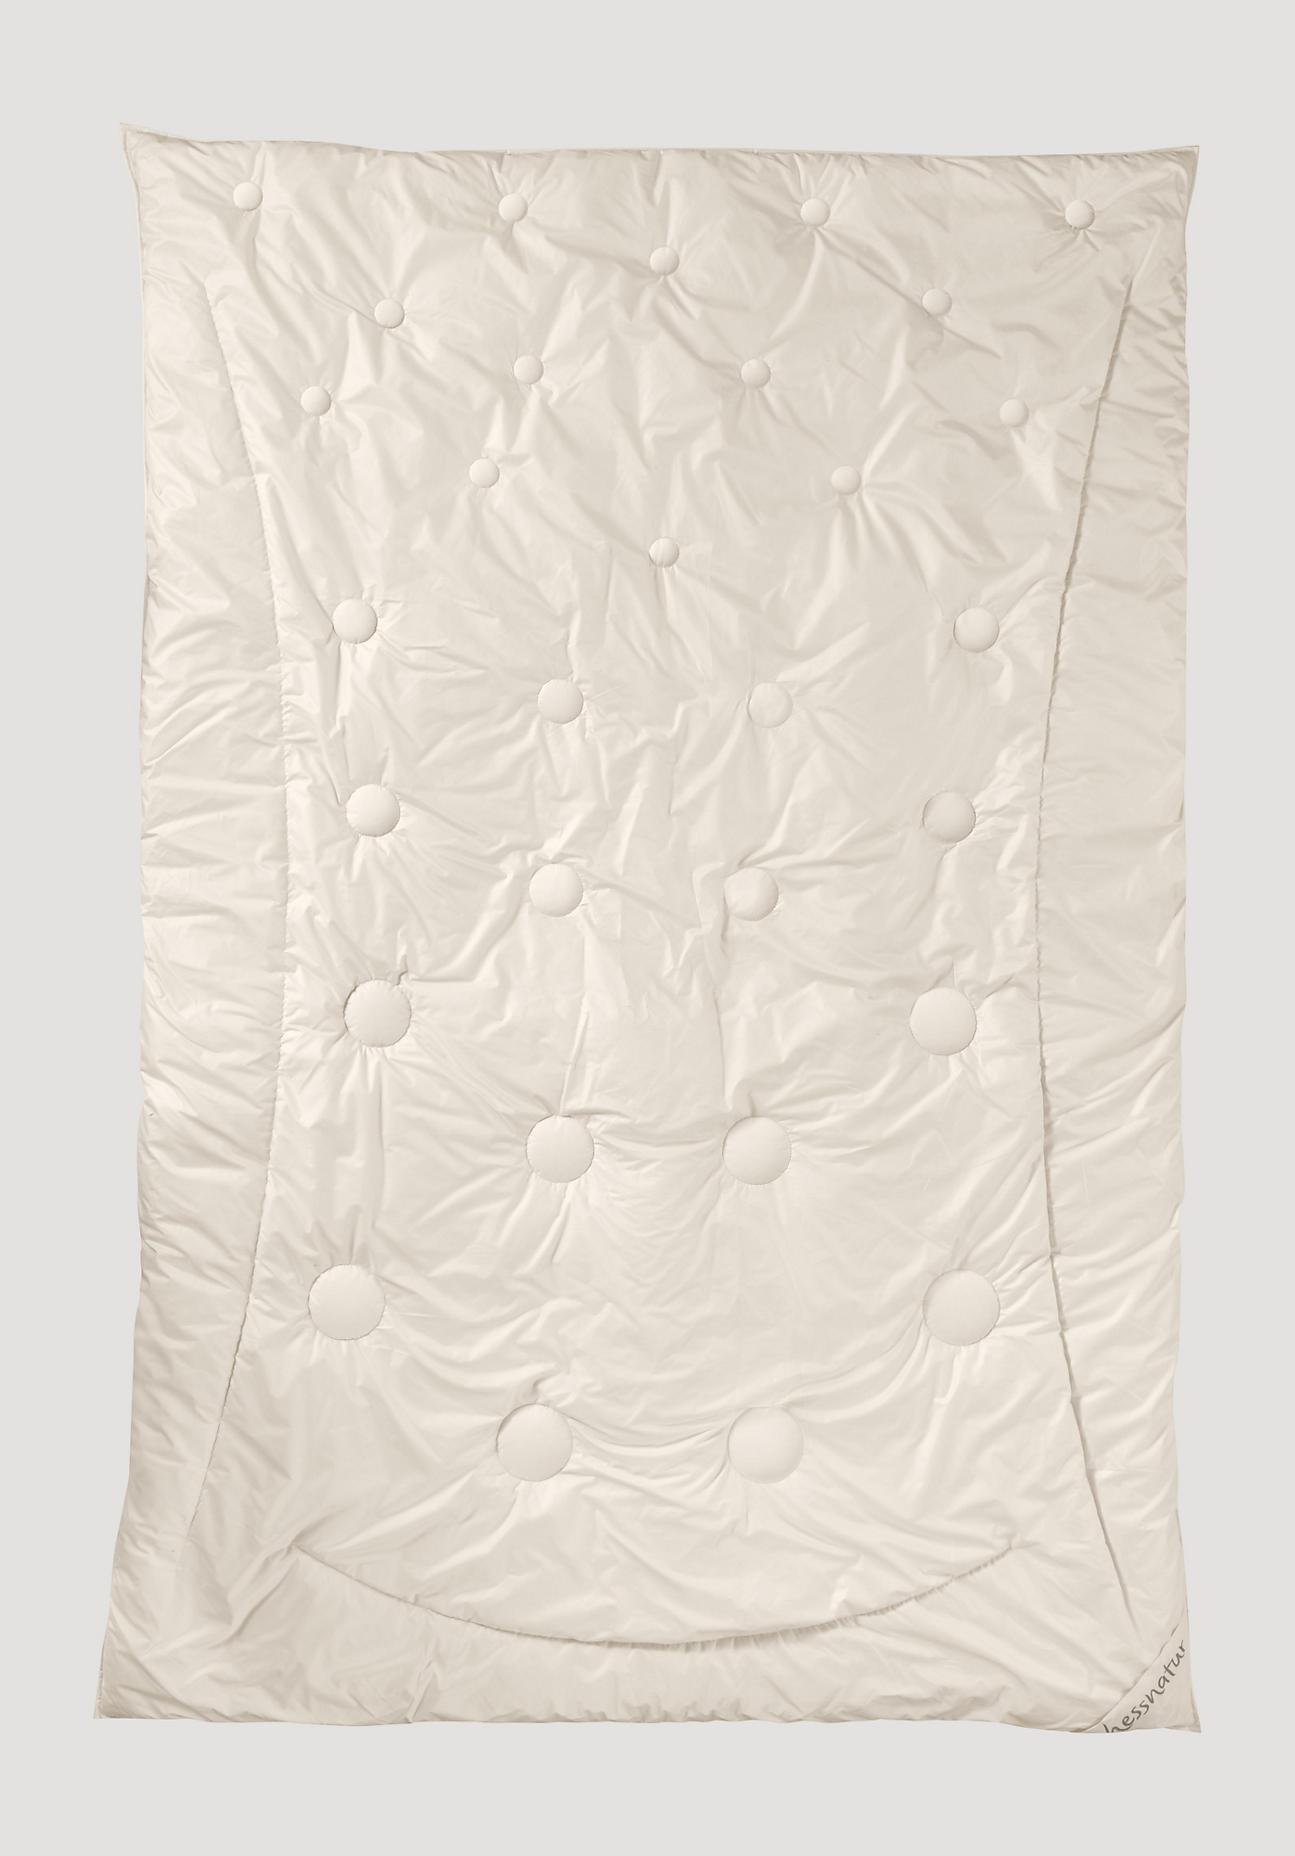 hessnatur 3-Zonen-Bettdecke mit Gobi Altai-Schurwolle – naturfarben – Größe 135x200 cm Füllung 1400g